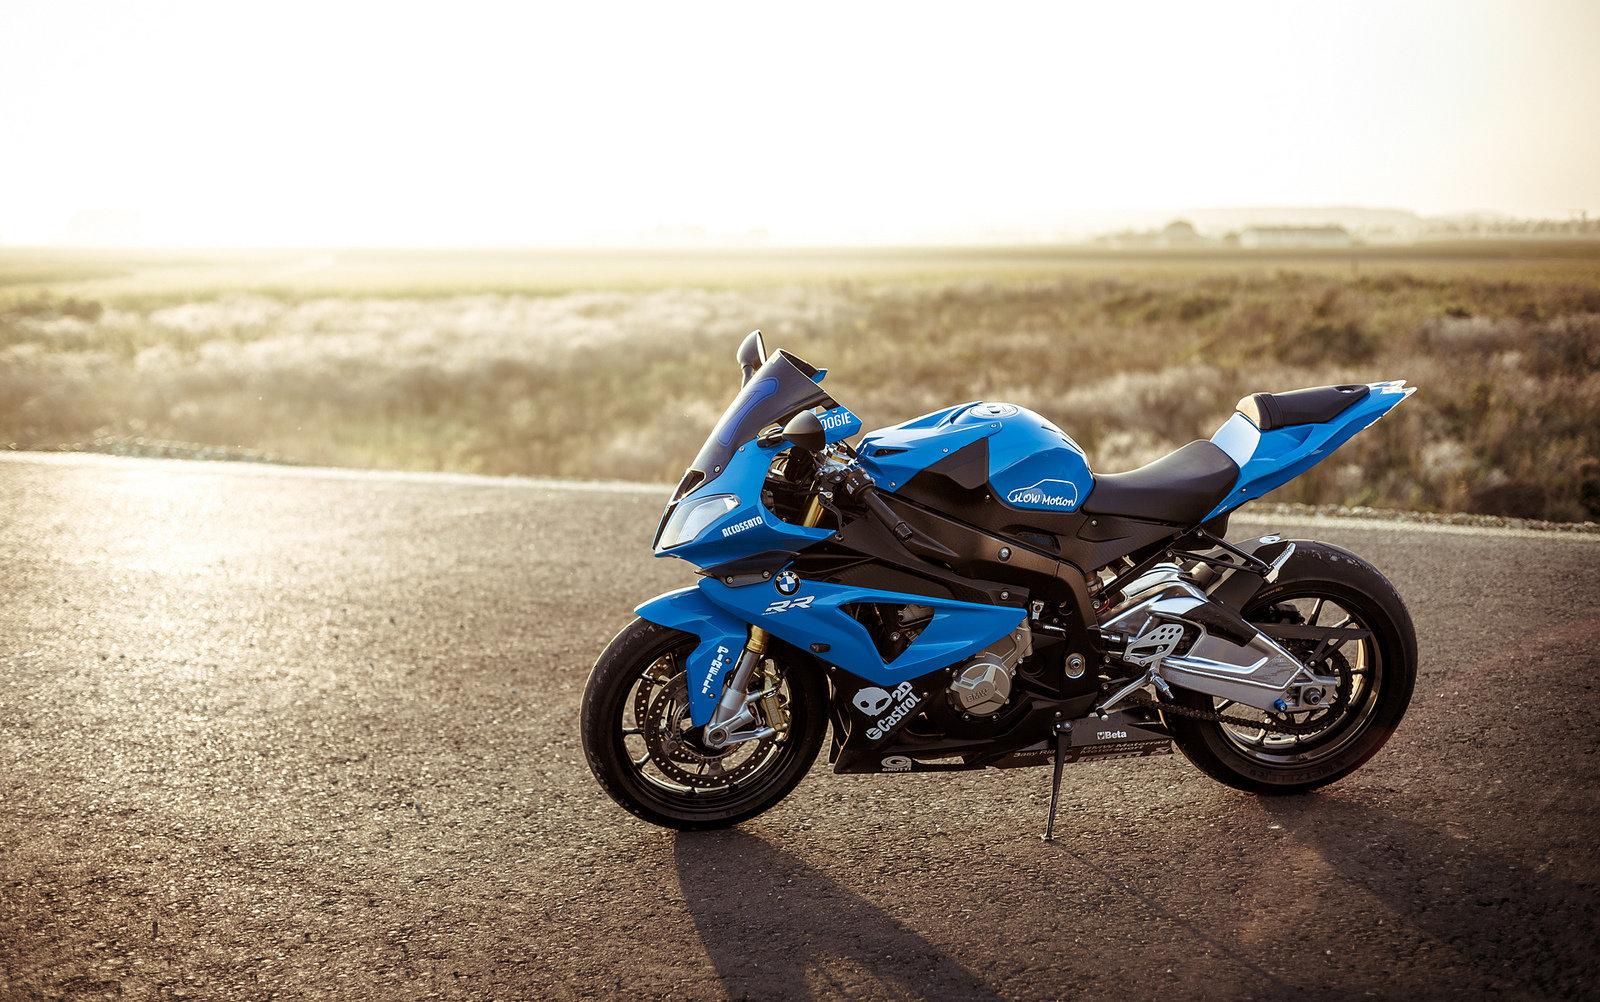 La motocicleta de BMW (imagen ilustrativa)